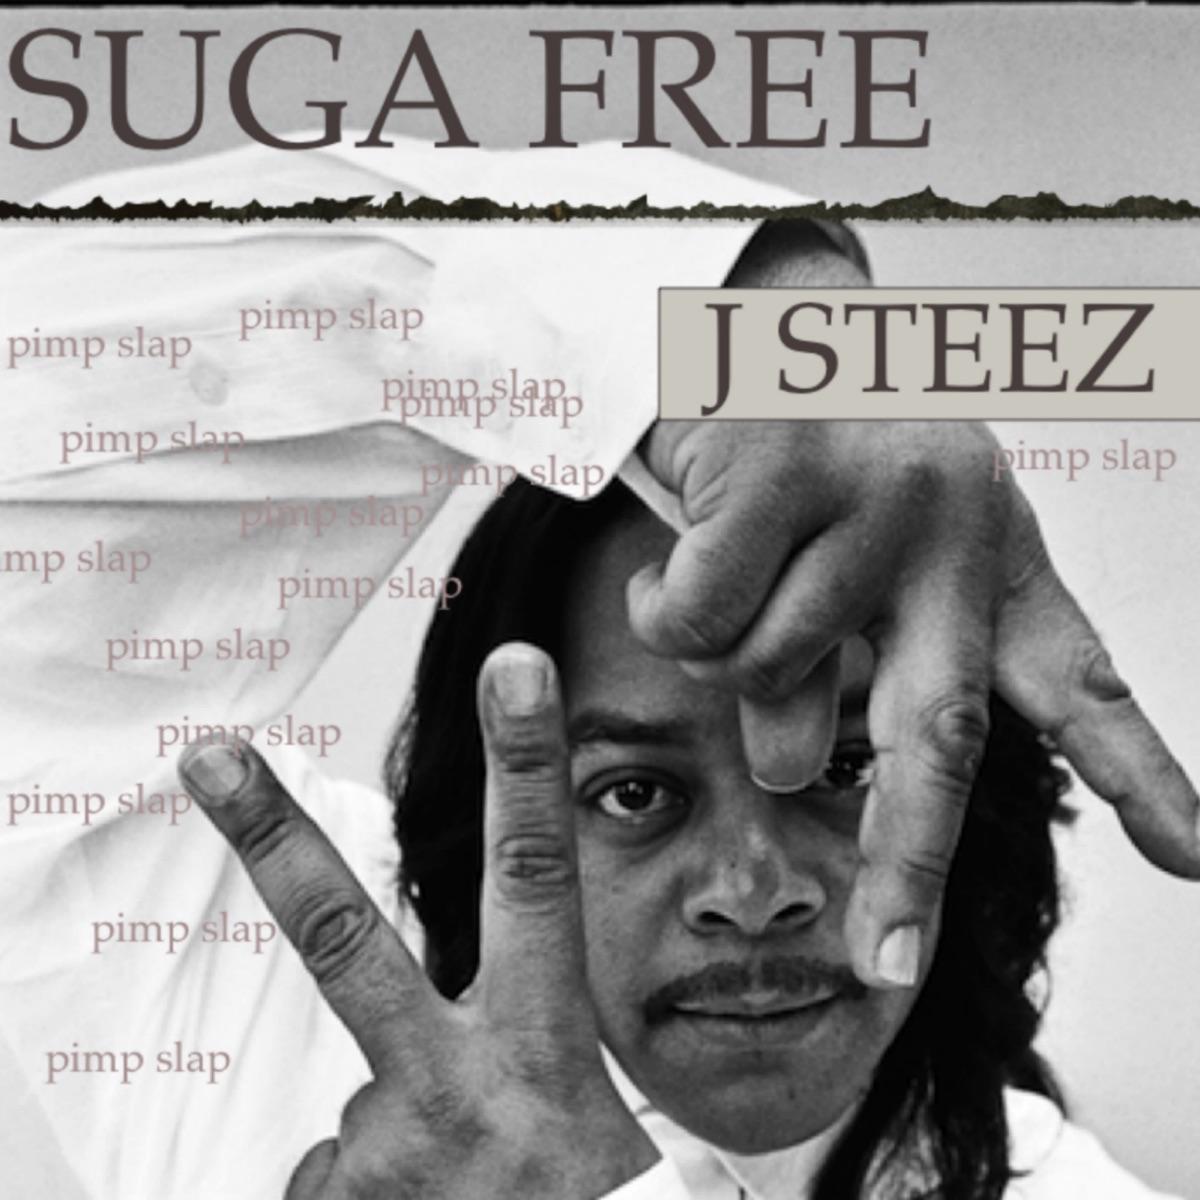 Suga Free: Pimp Slap Album Cover by Suga Free & J Steez